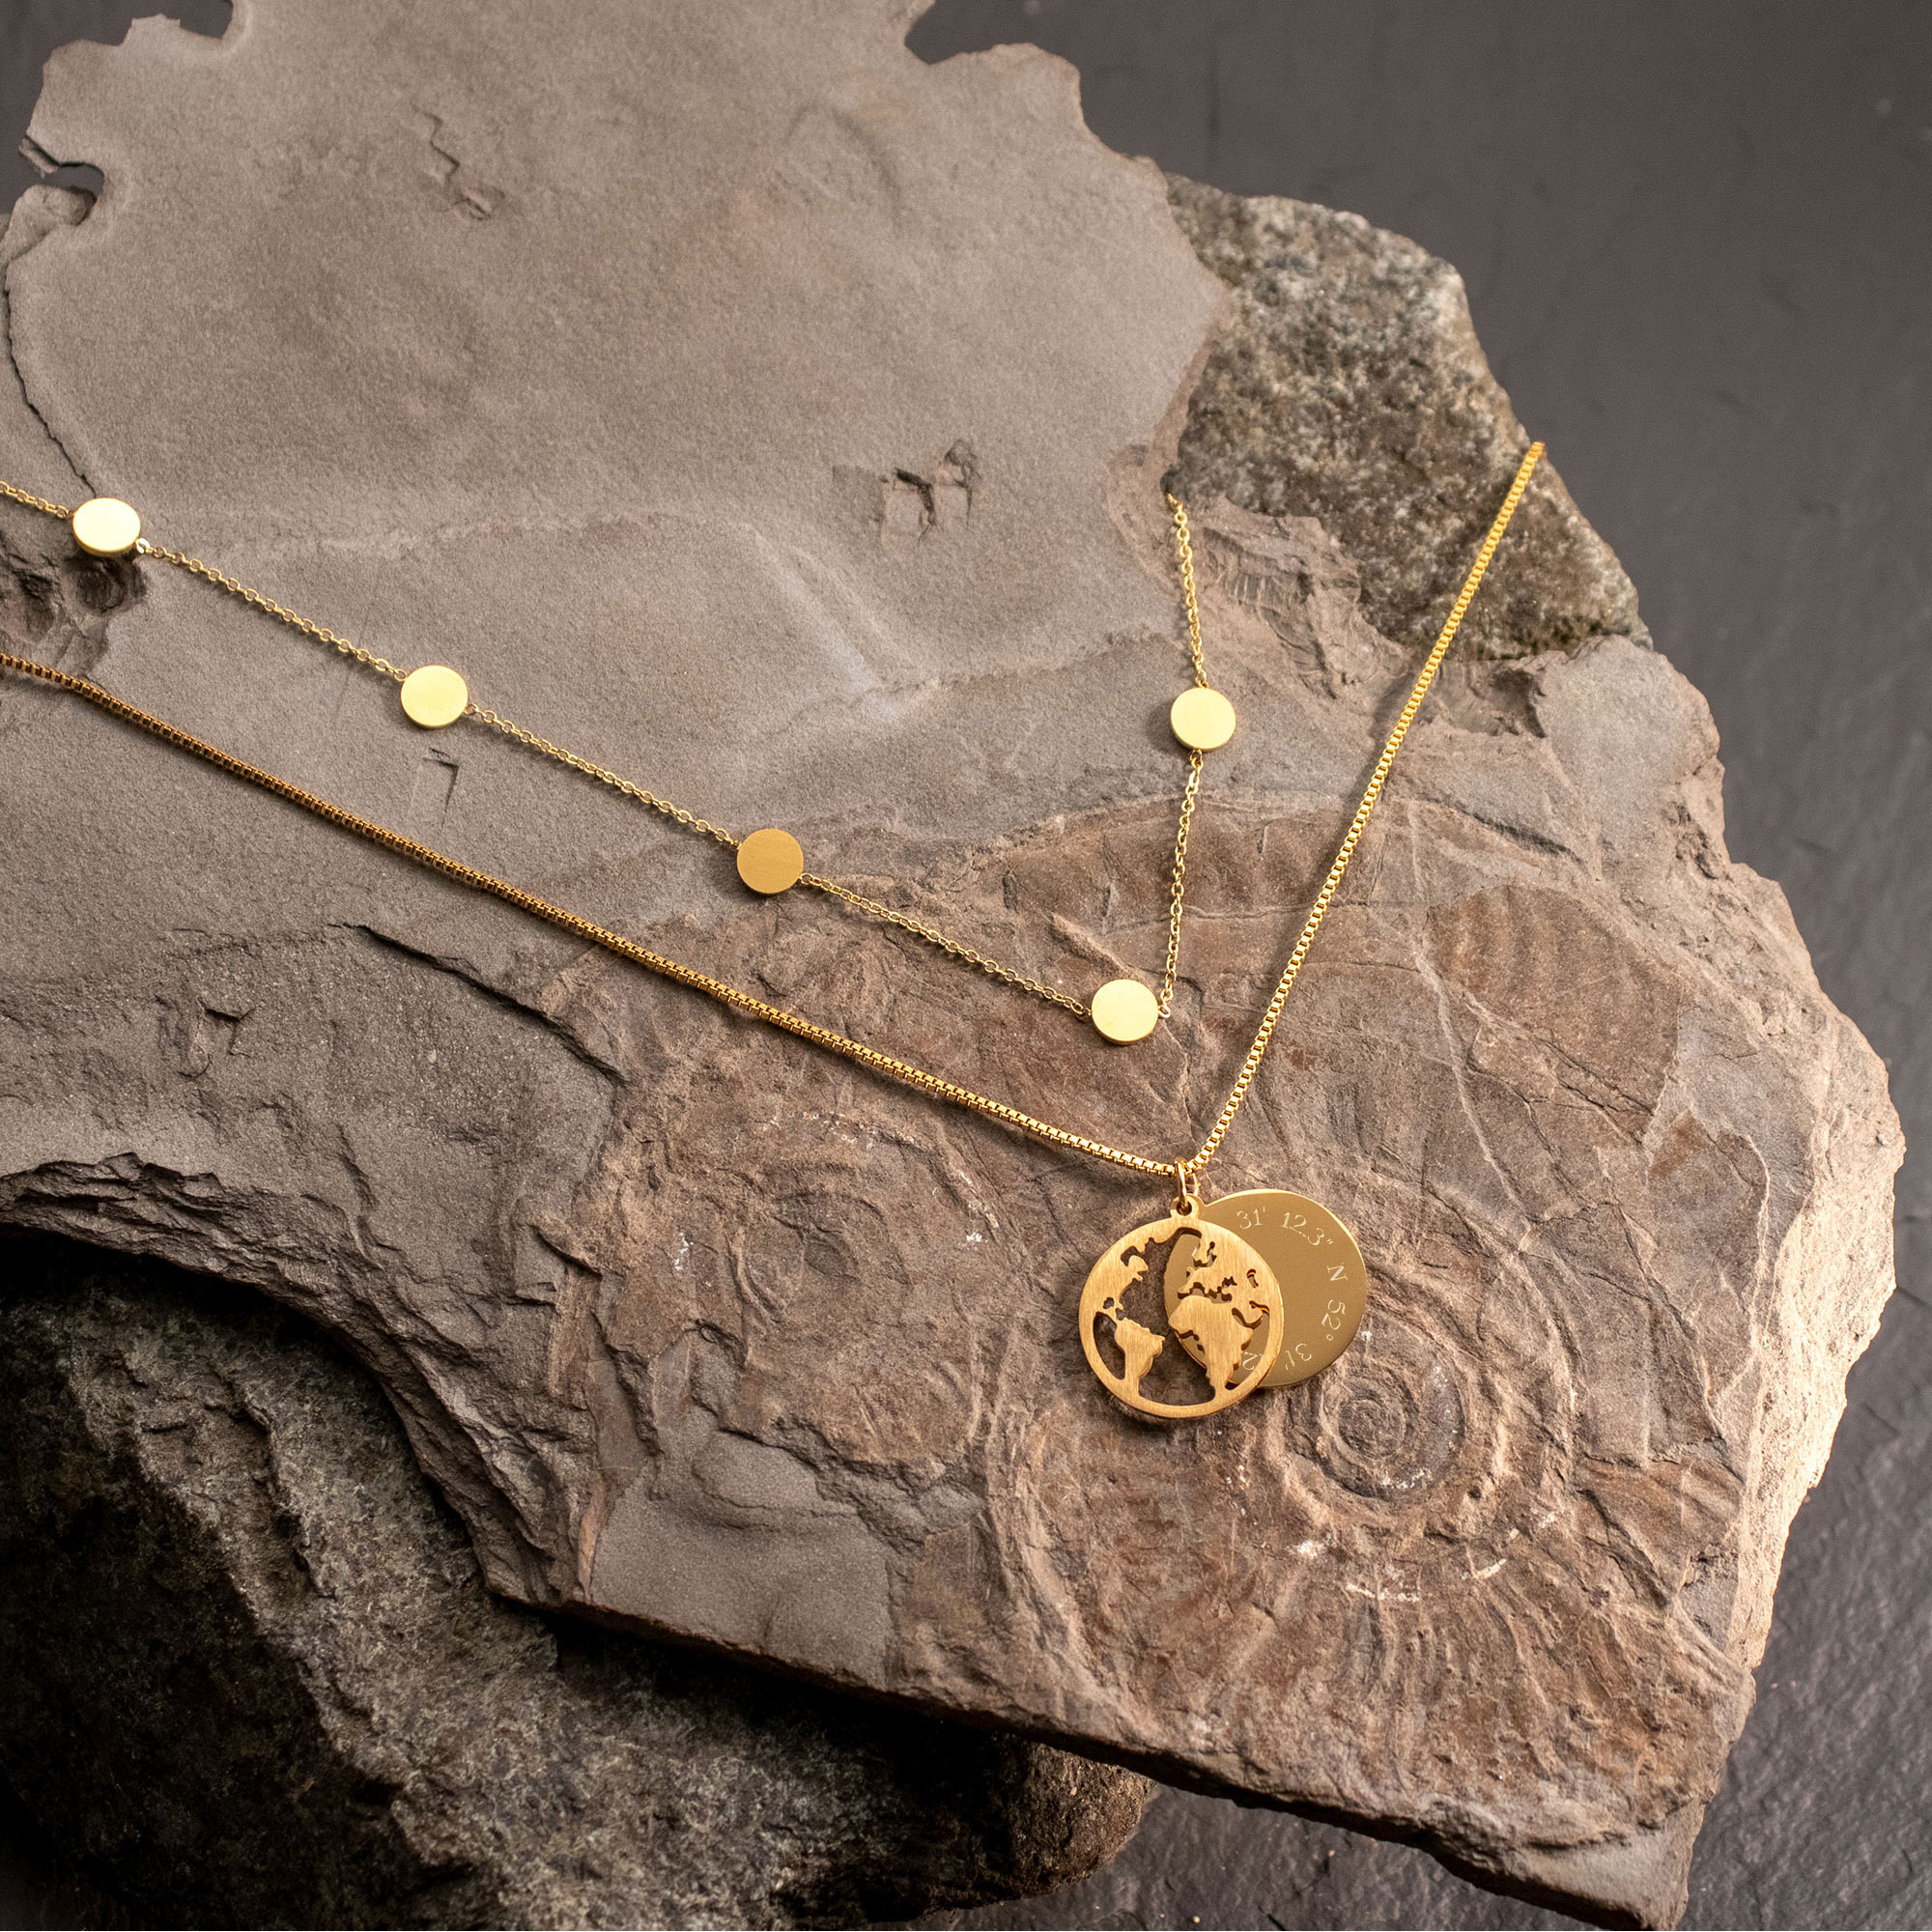 Schmuckset Gold mit Globus & Layering Kette - Koordinaten